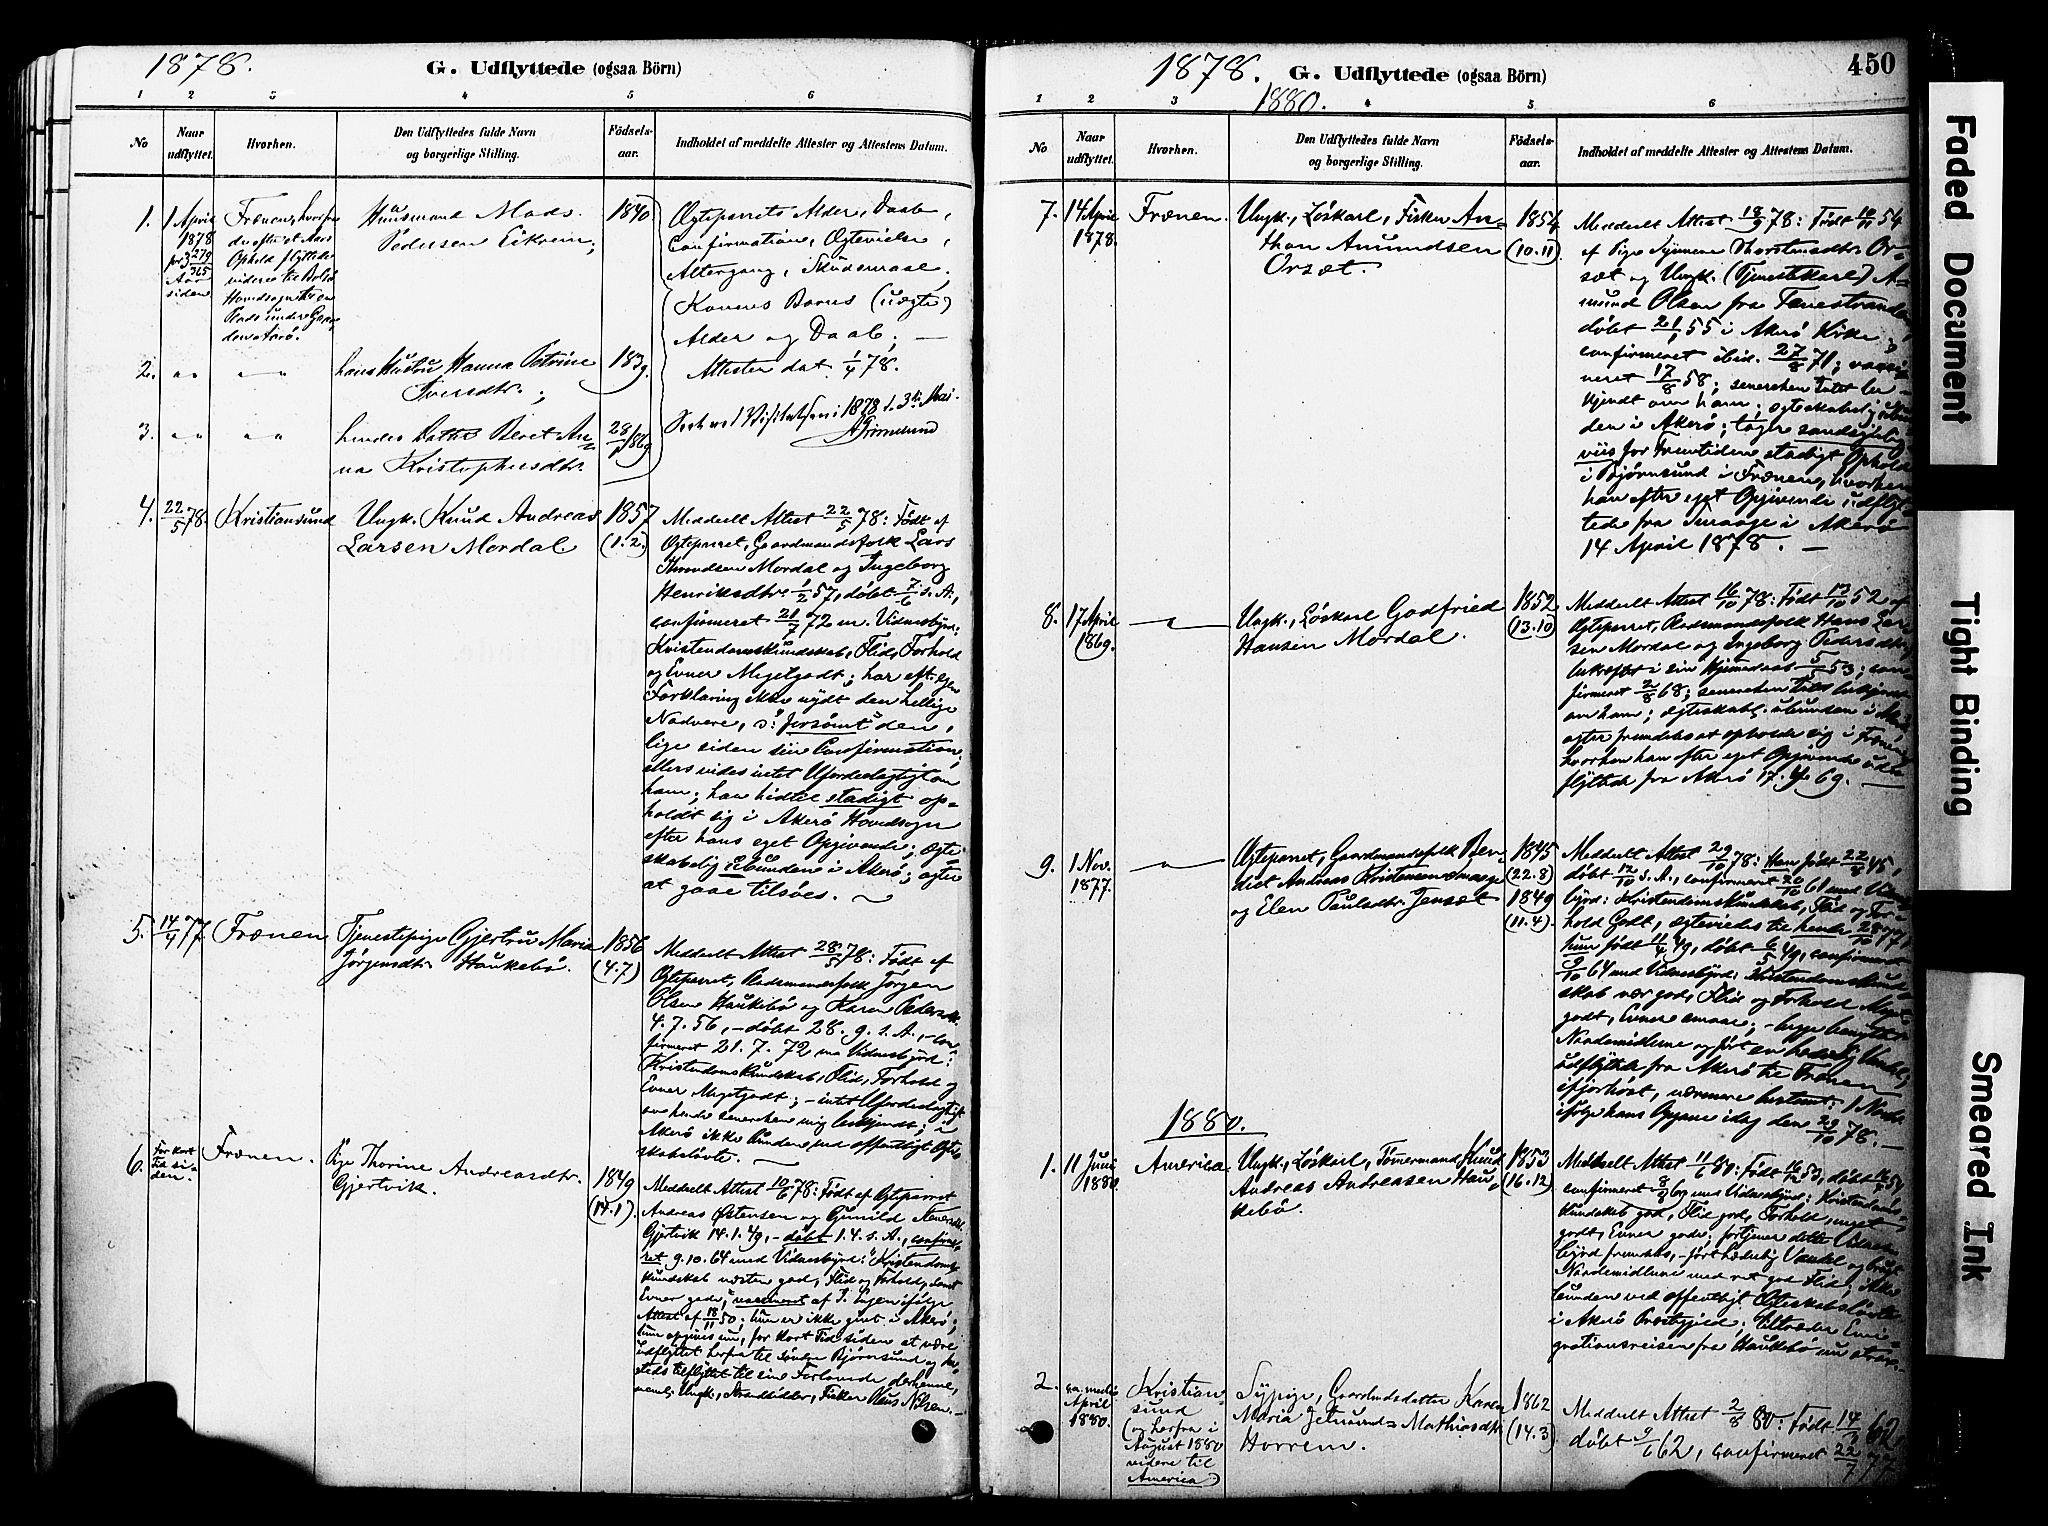 SAT, Ministerialprotokoller, klokkerbøker og fødselsregistre - Møre og Romsdal, 560/L0721: Ministerialbok nr. 560A05, 1878-1917, s. 450